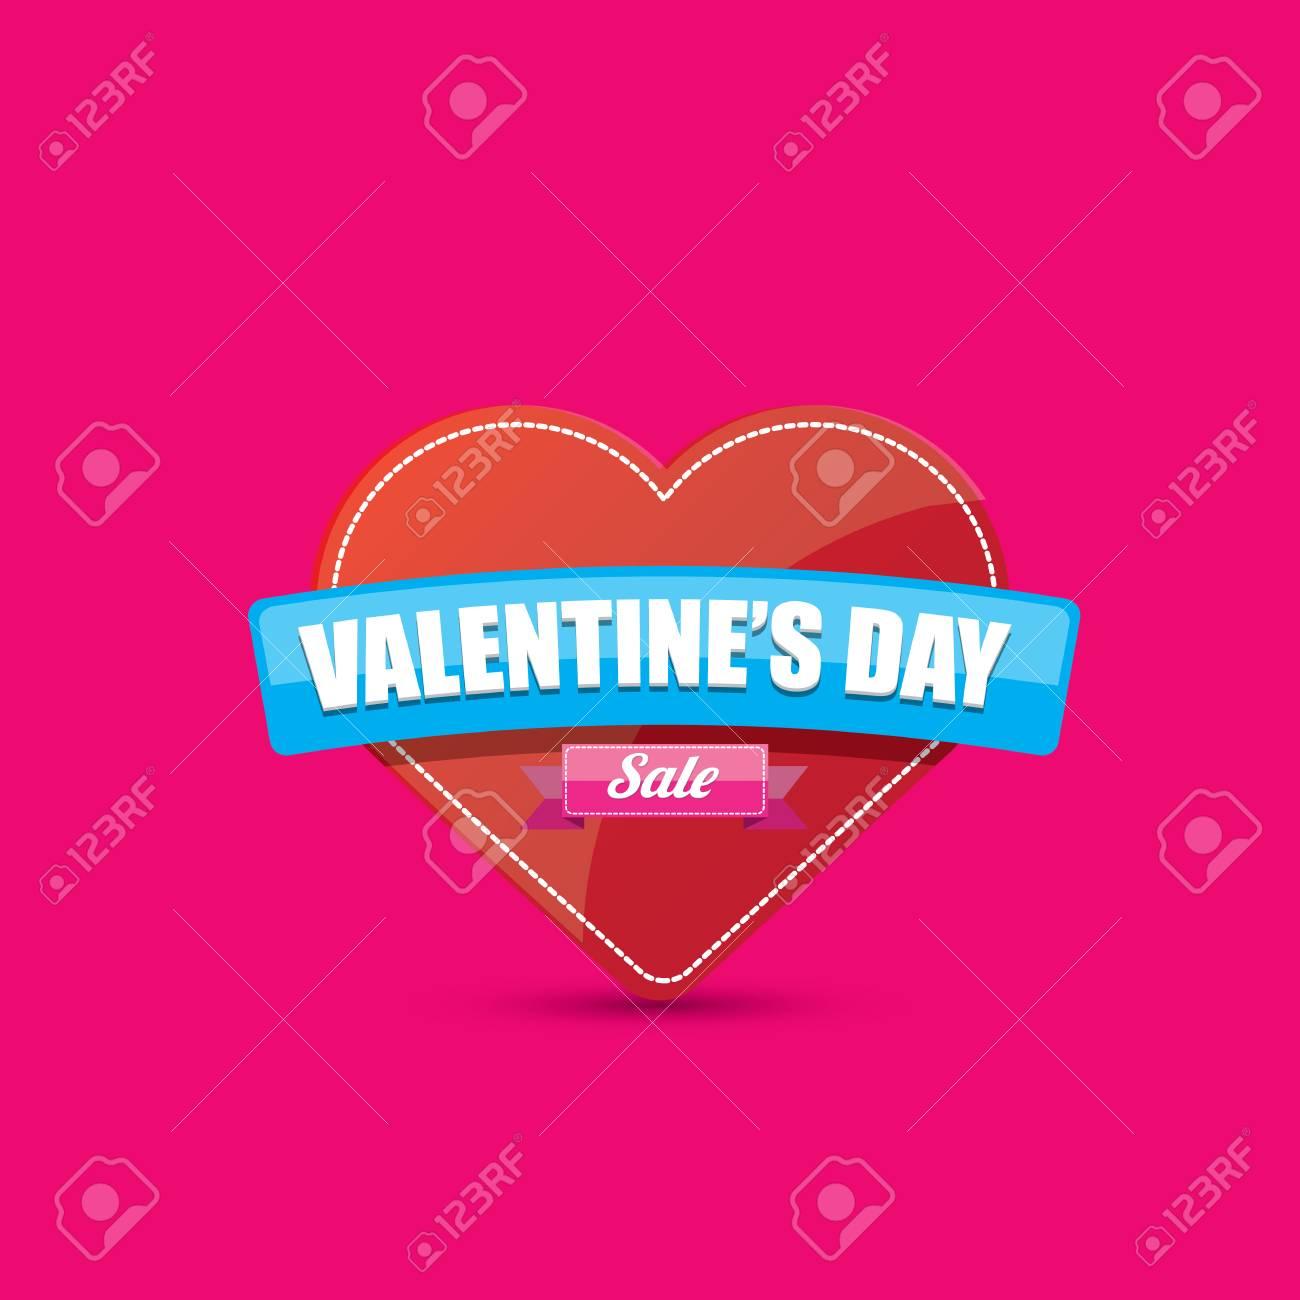 Día De San Valentín Corazón Etiqueta De Venta Aislado En Rosa Fotos ...